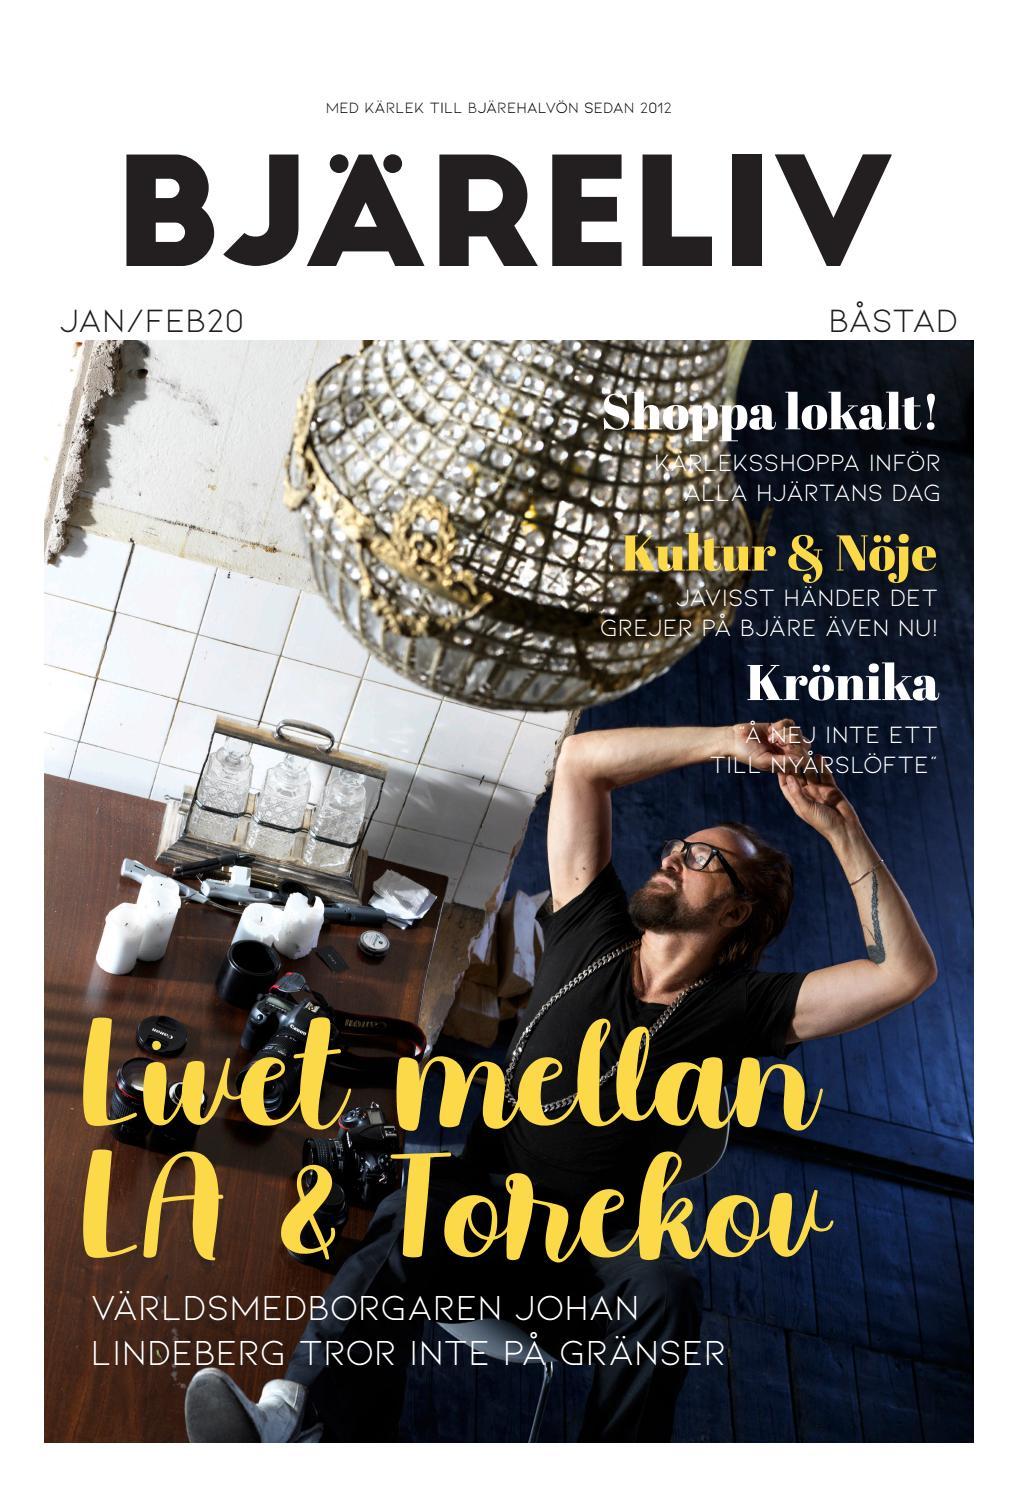 Singel i Sverige frsta dejten - Pressmeddelanden